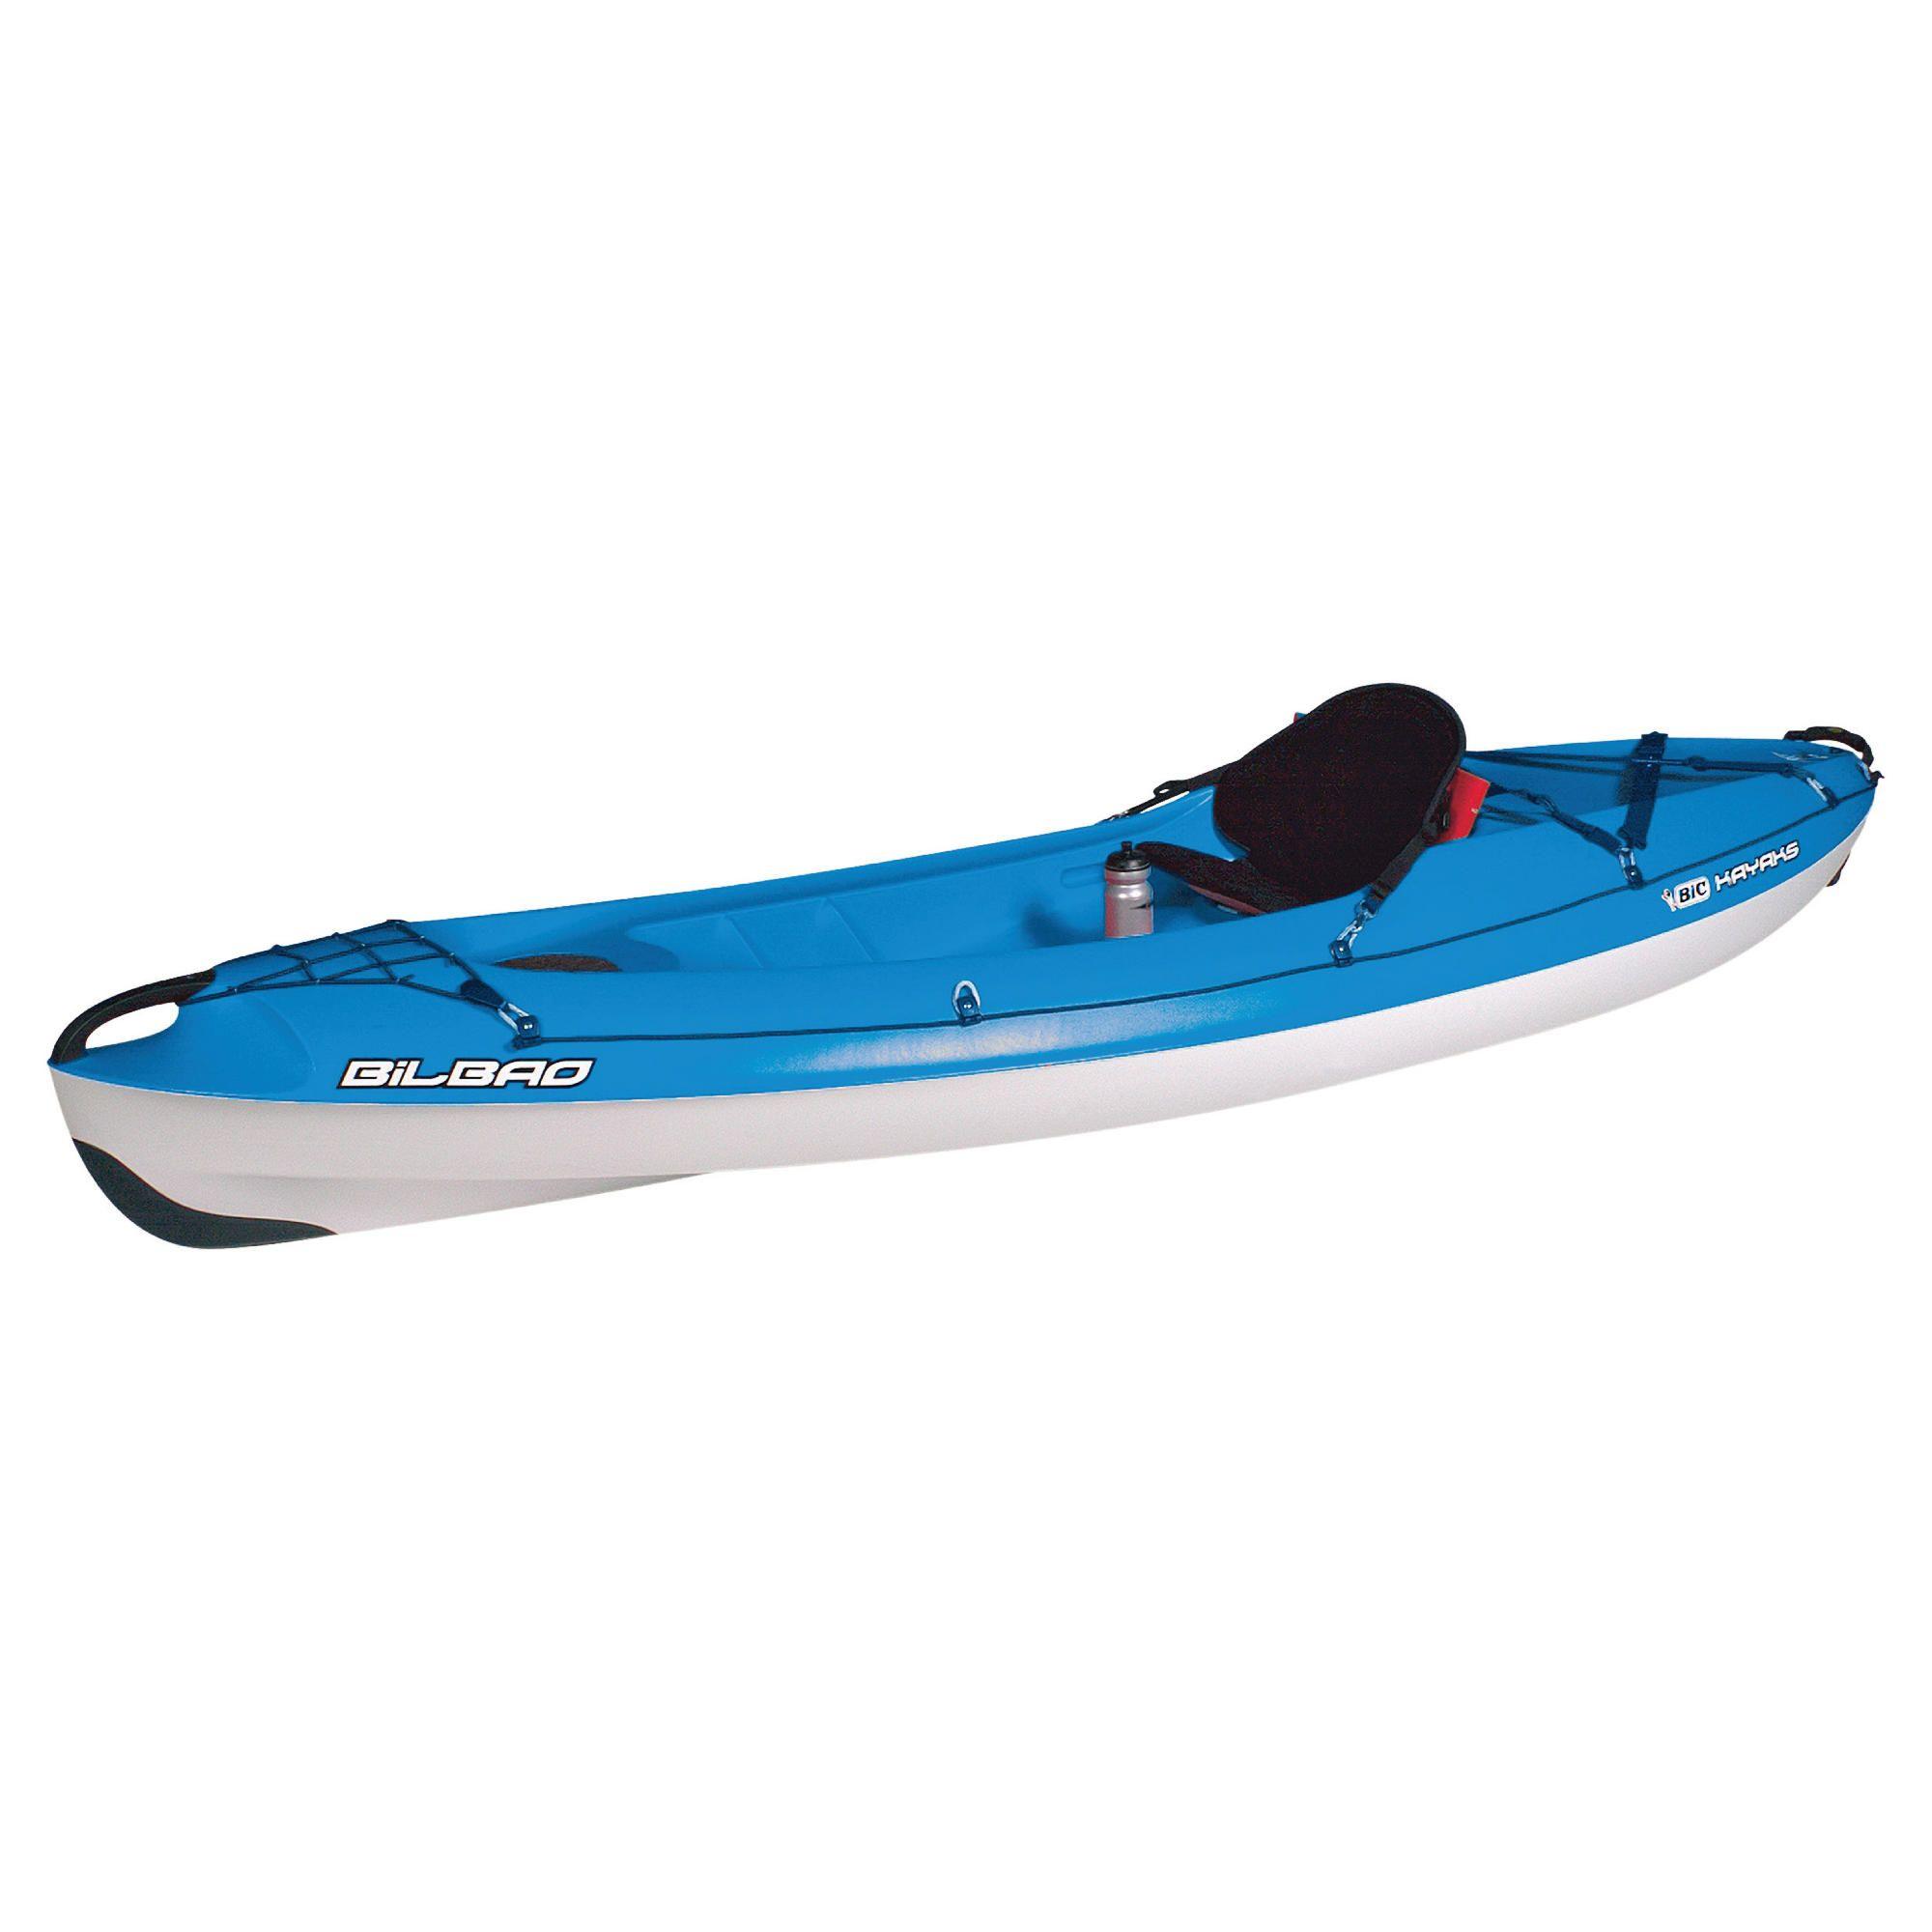 Bic Bilbao 1 Man Sit-On-Top Kayak Blue Package at Tesco Direct